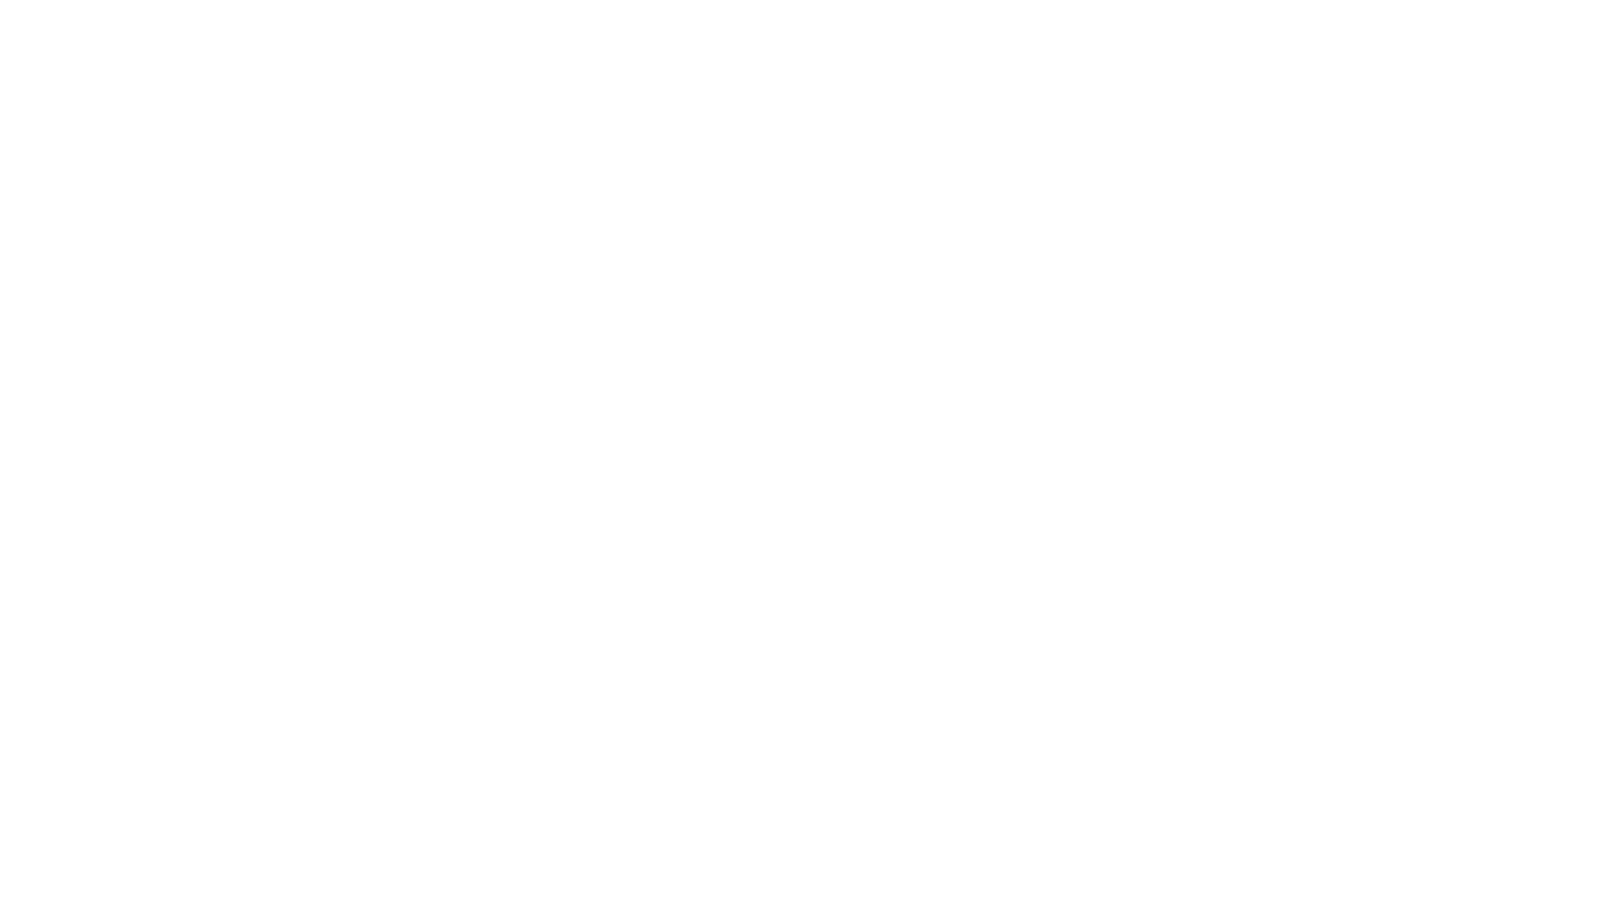 तुर्माखाद गाउँपालिका वडा नं ७ धमाली निवासी बजिरे दासको समुधुर आवाजमा गीत गाउदा मनै वहकाउने